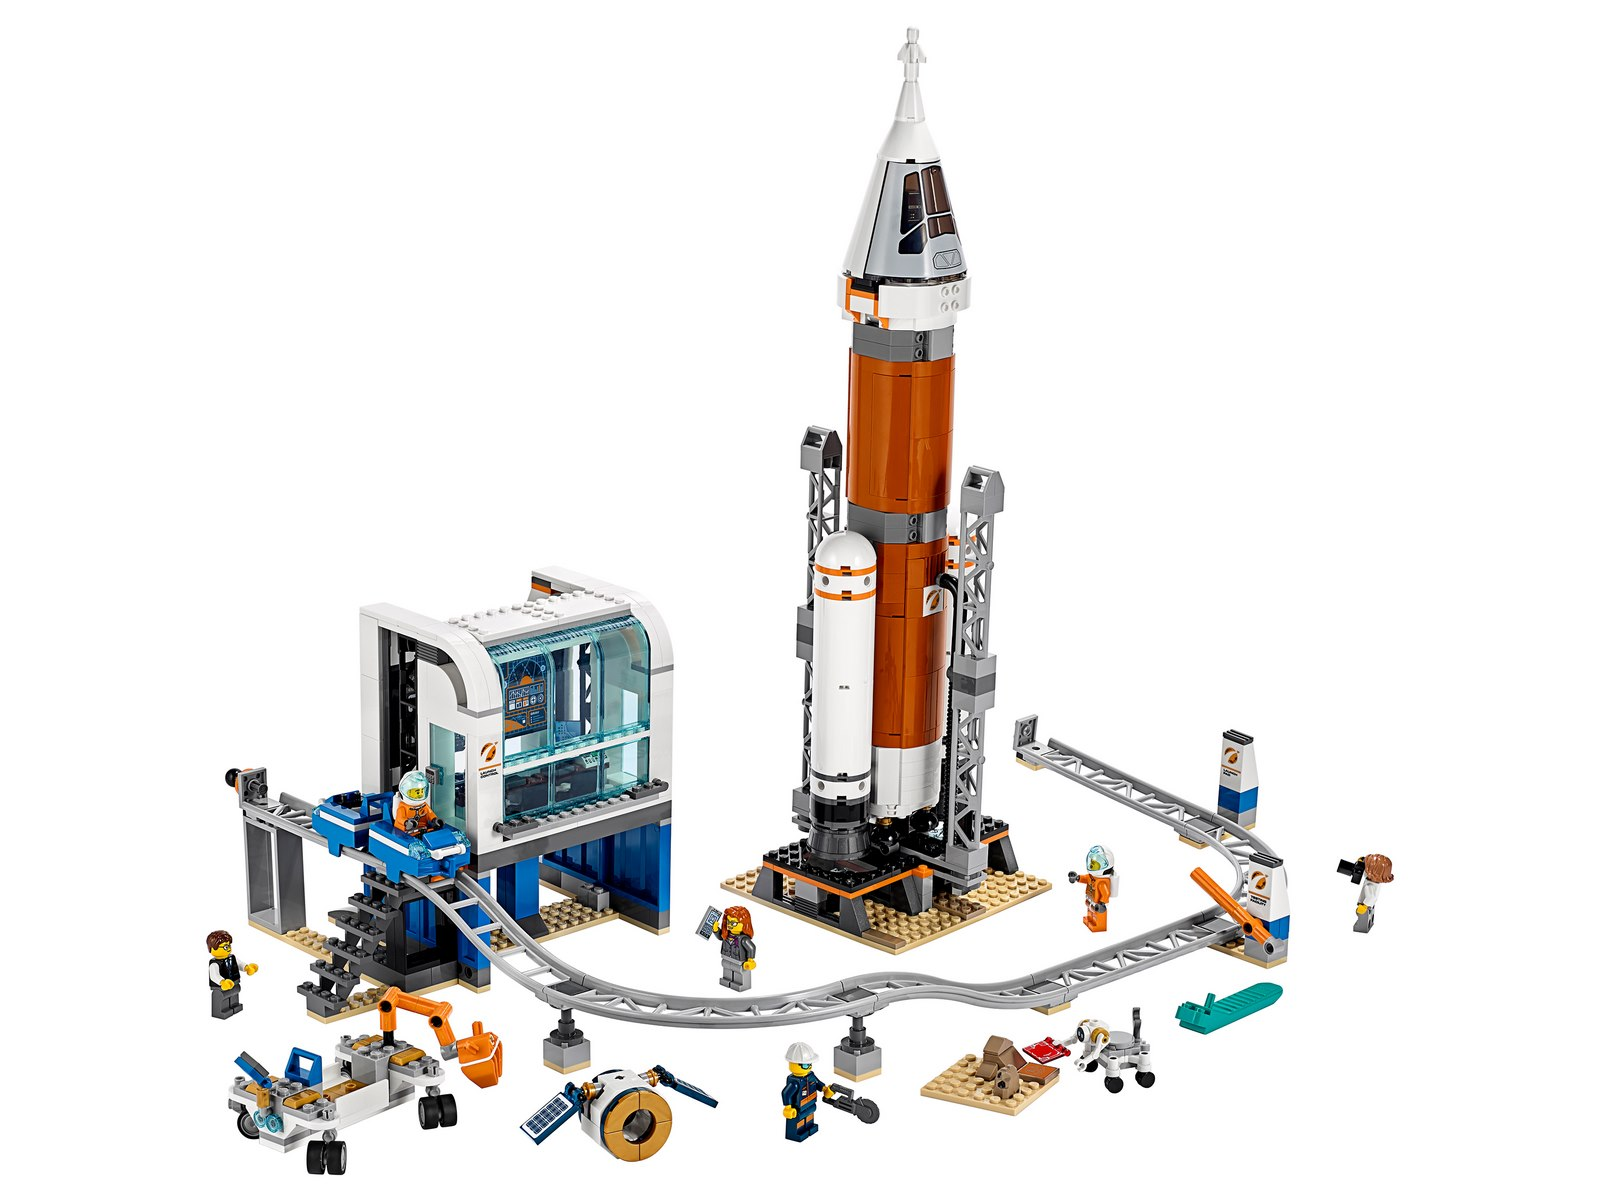 Конструктор Lari «Ракета для запуска в далекий космос и пульт управления запуском» 11387 (City 60228) / 873 детали